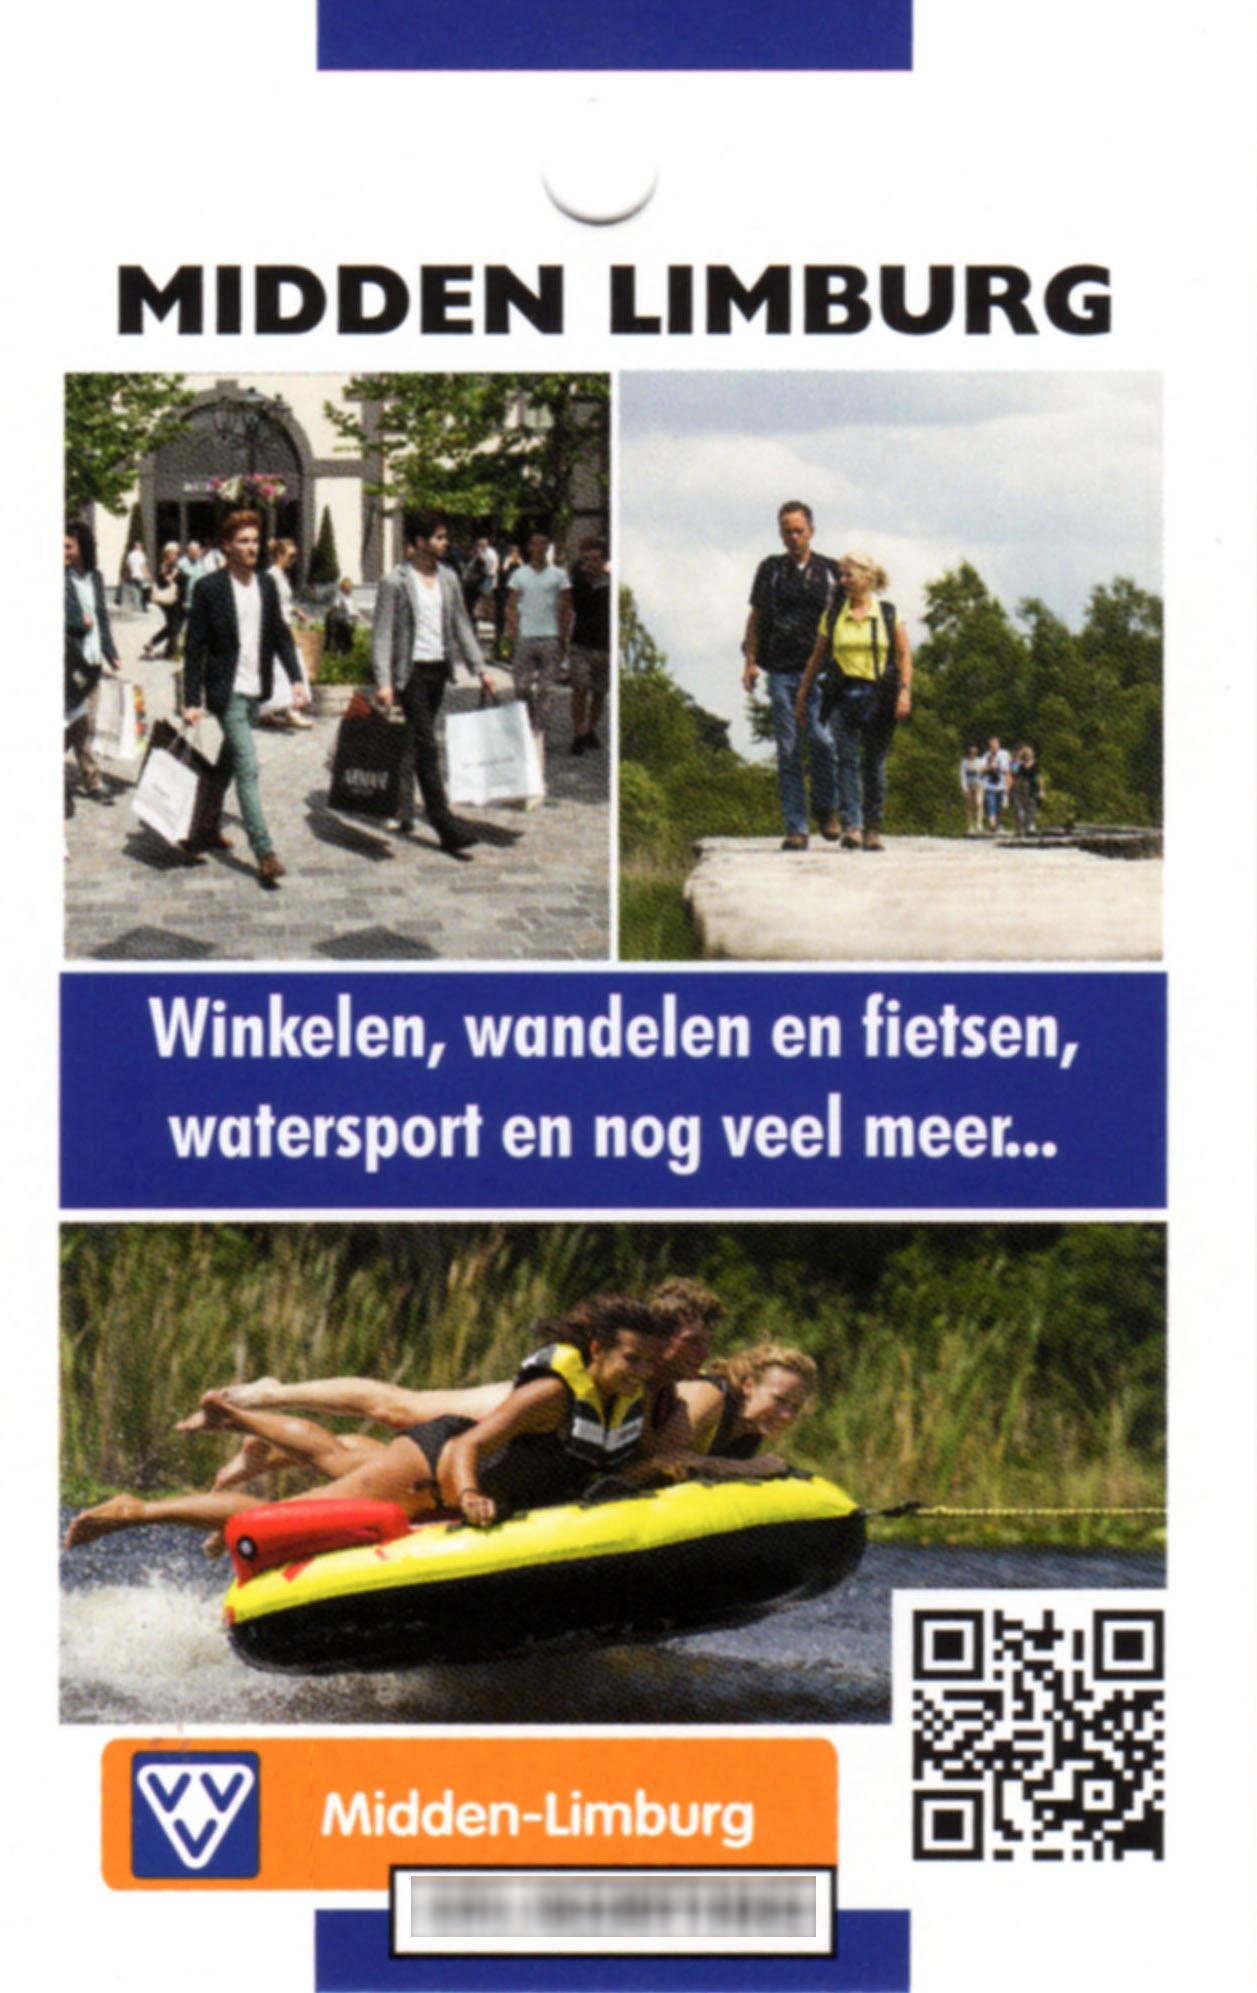 VVV Midden-Limburg